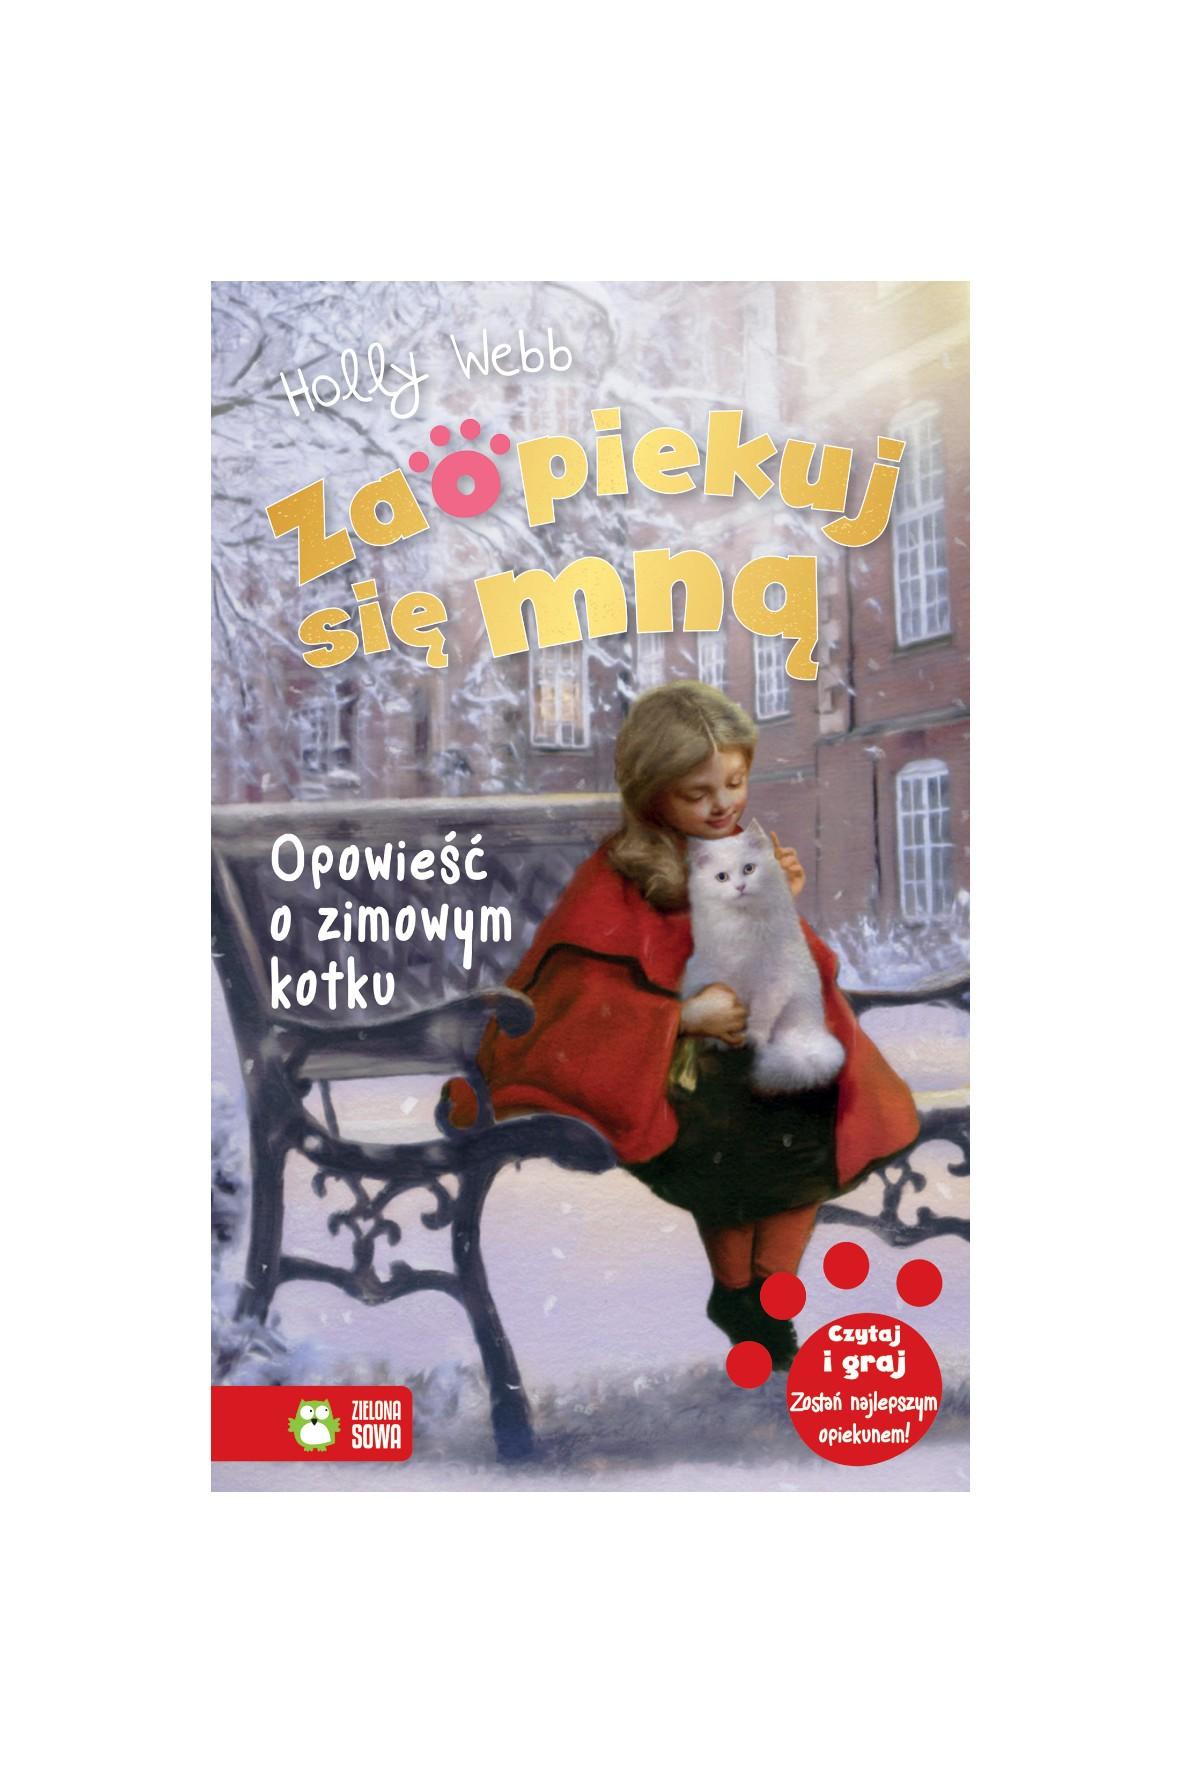 Książka dla dzieci- Opowieść o zimowym kotku. Zaopiekuj się mną wiek 6+